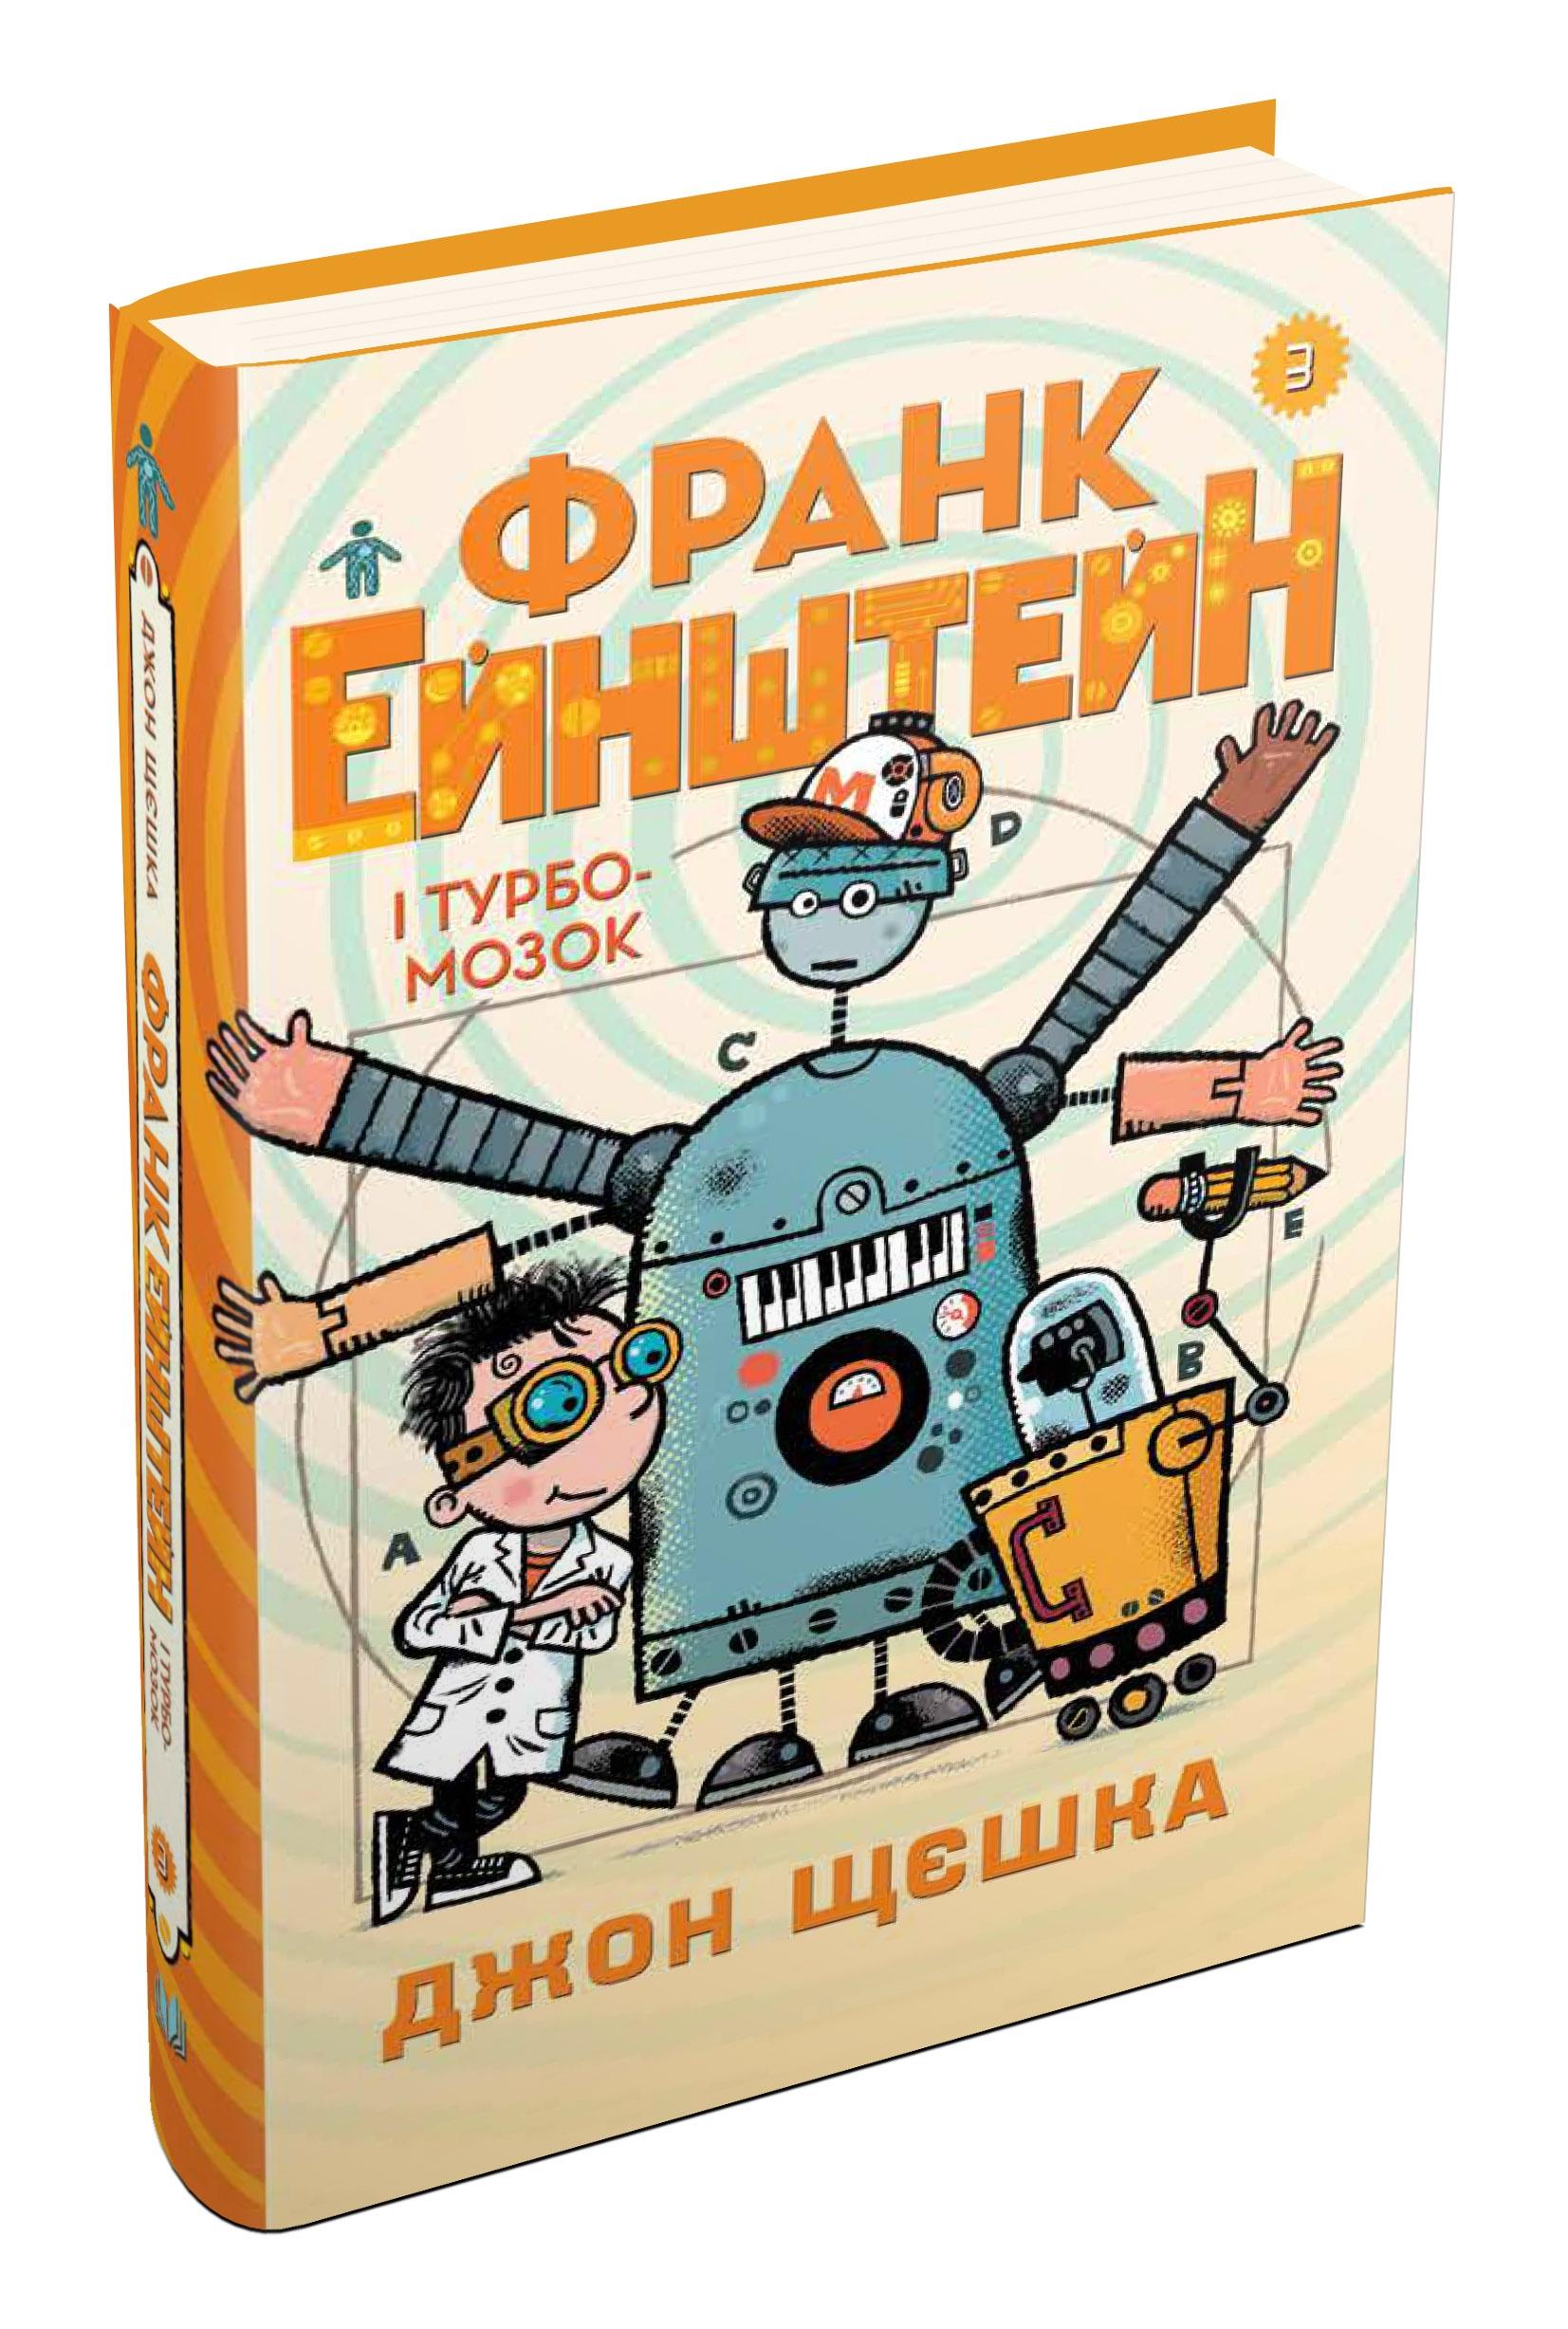 Франк Ейнштейн і Турбомозок. Книга 3_0